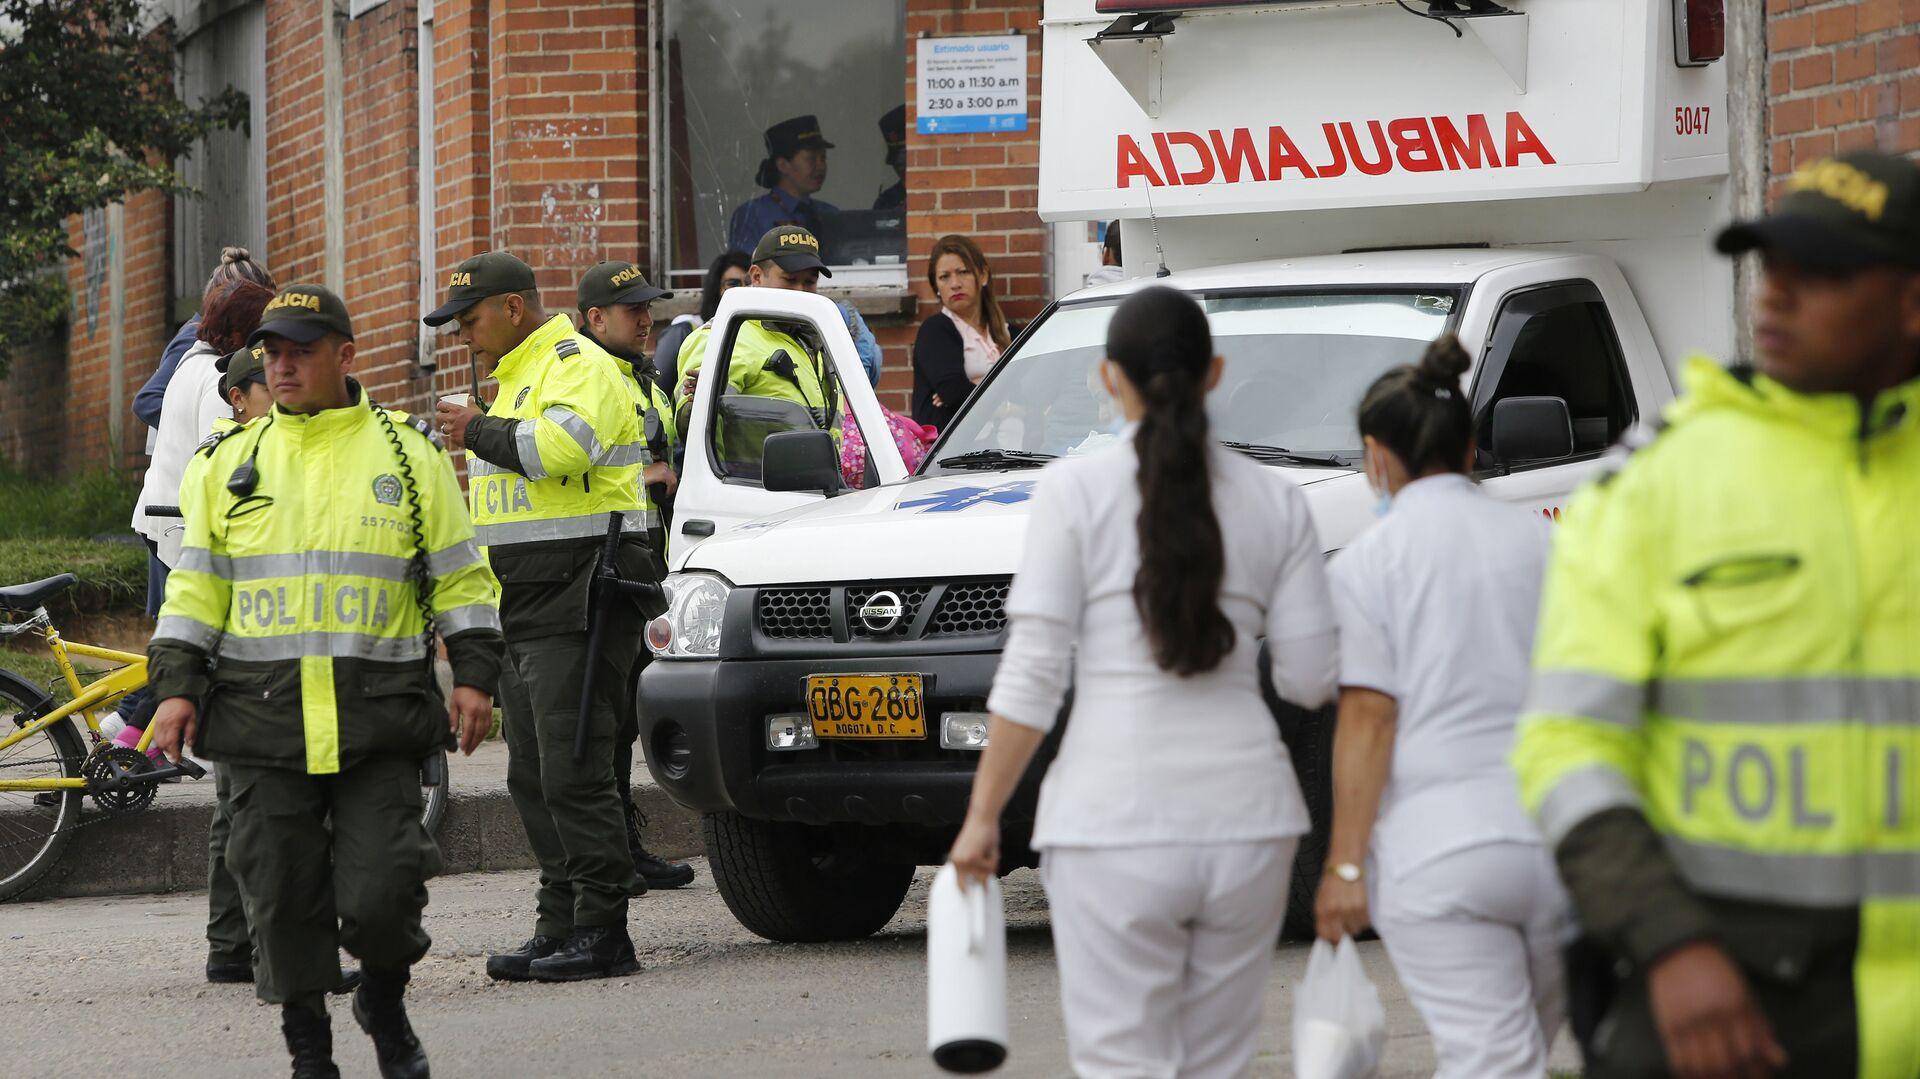 L a polizia e l'ambulanza in Colombia (foto d'archivio)  - Sputnik Italia, 1920, 12.06.2021